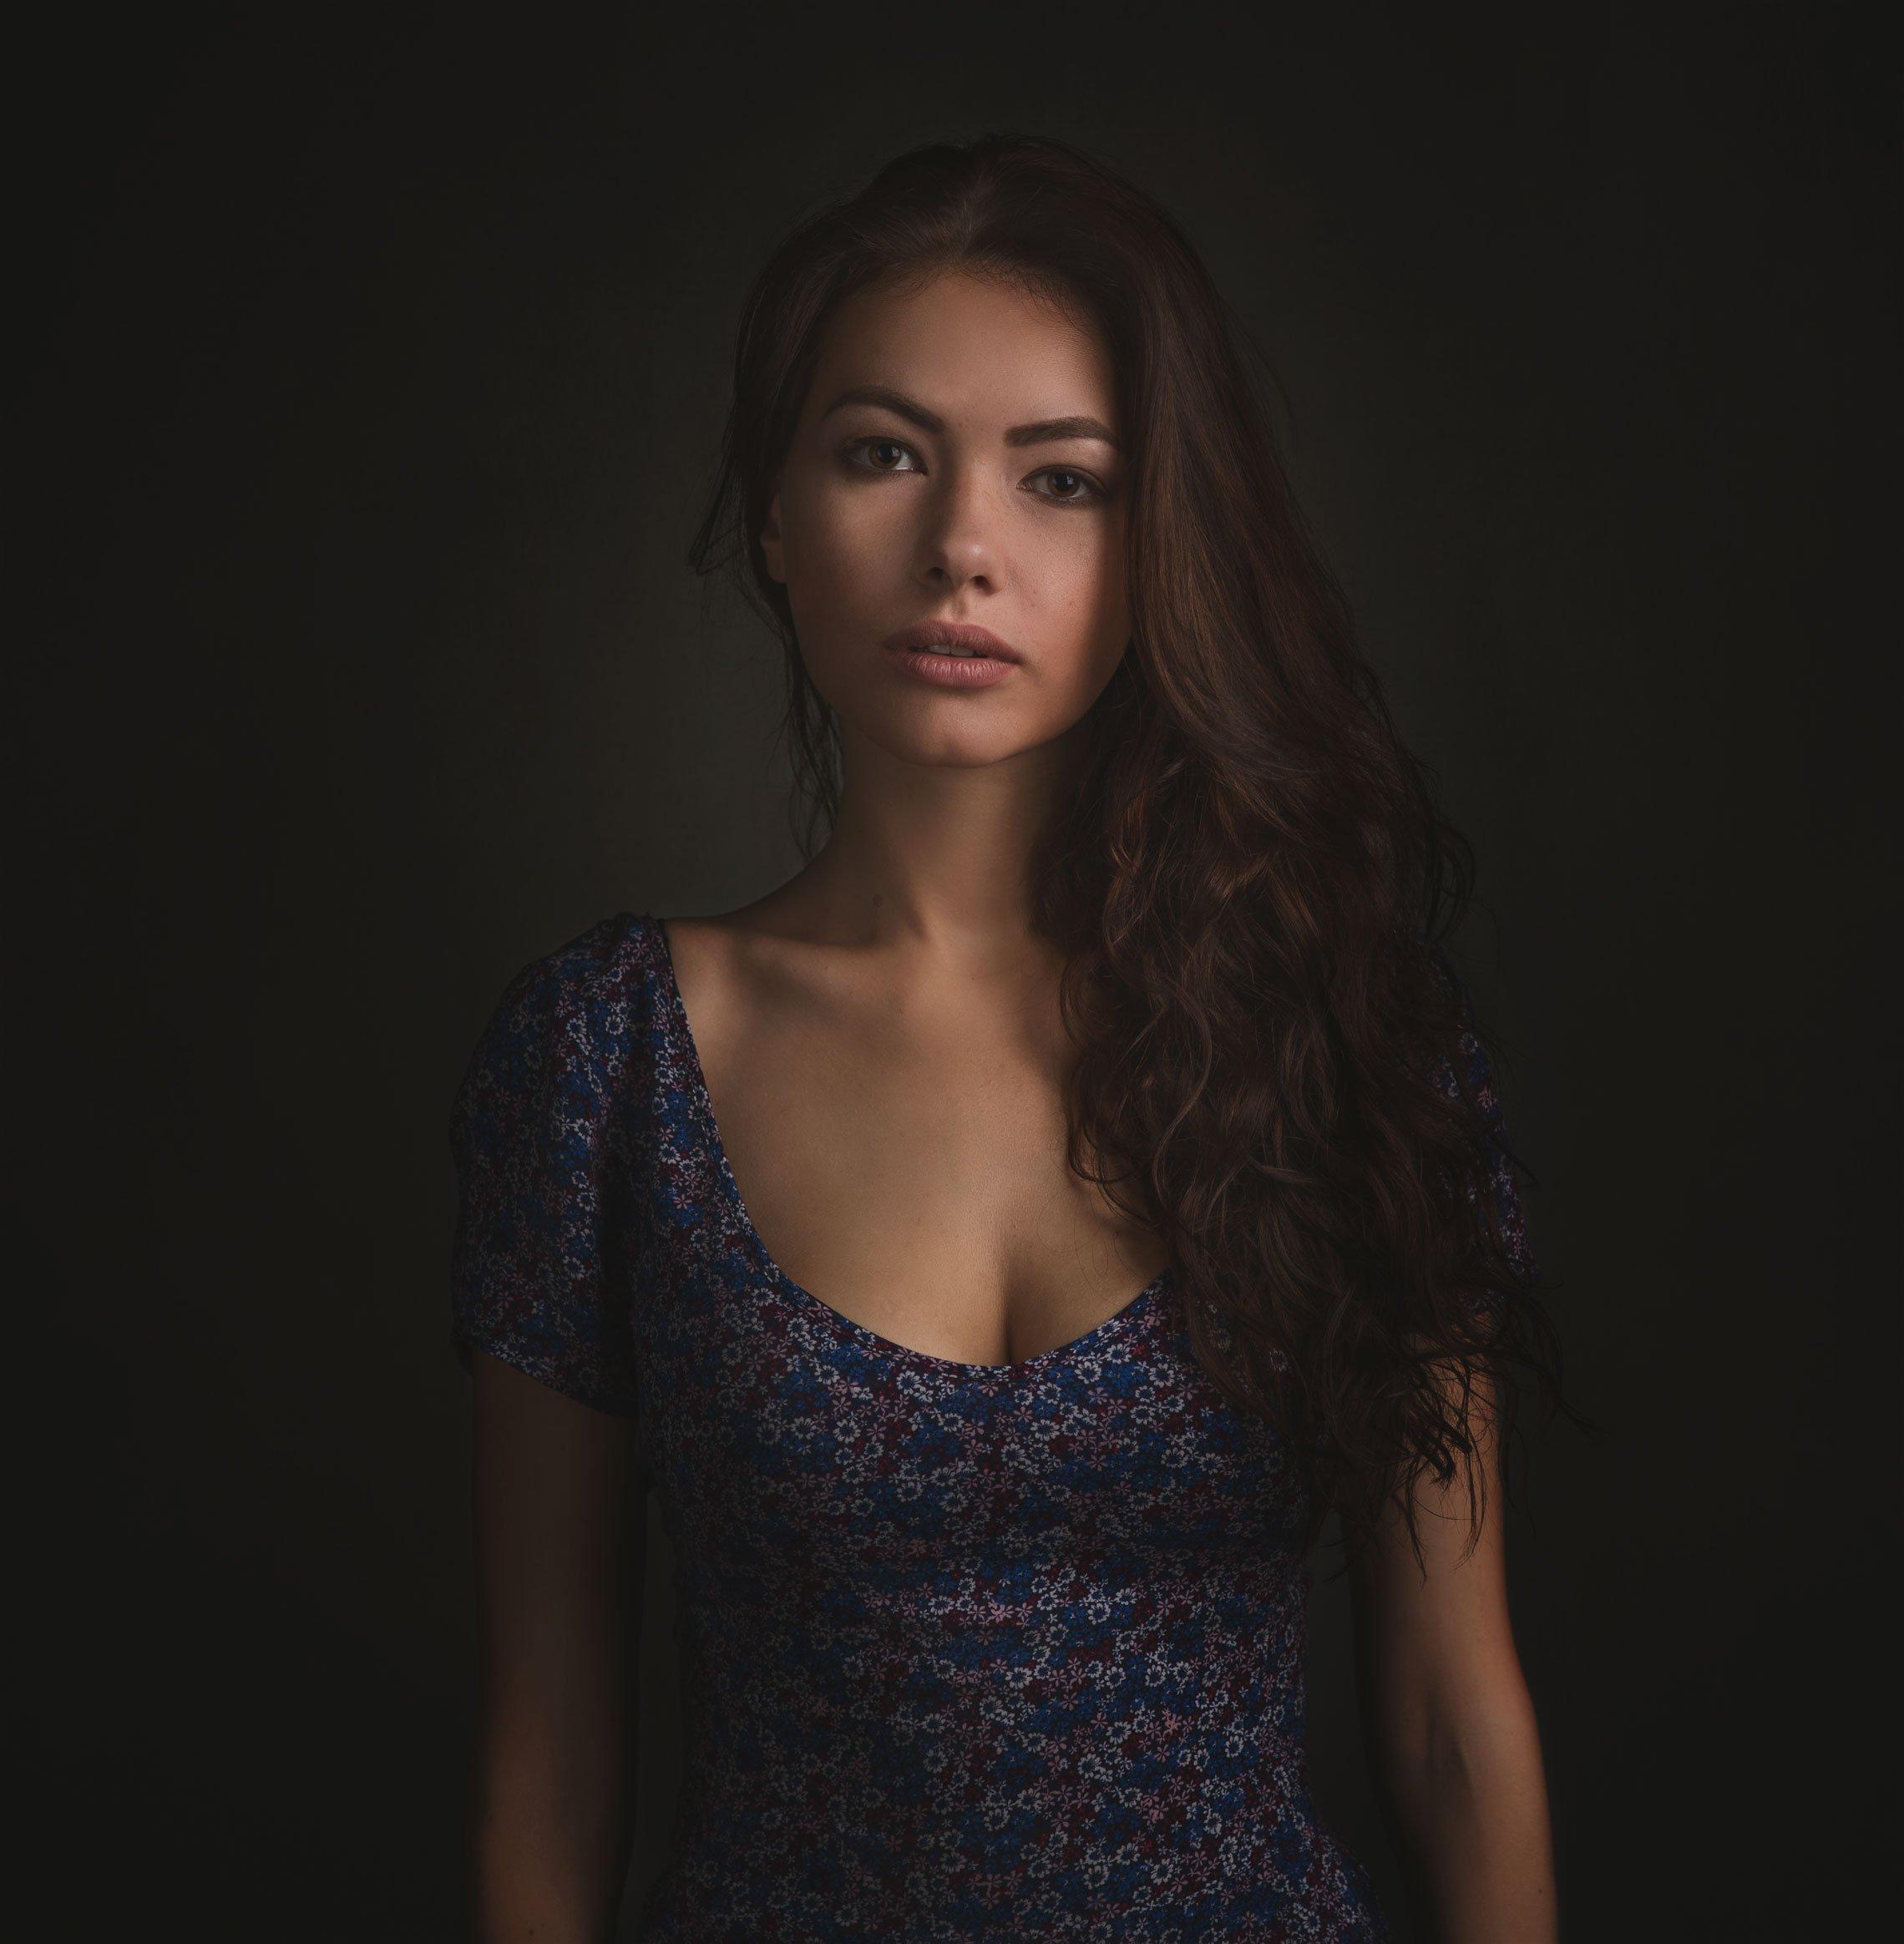 портрет девушки, студия, вспышка, Бутвиловский Дмитрий